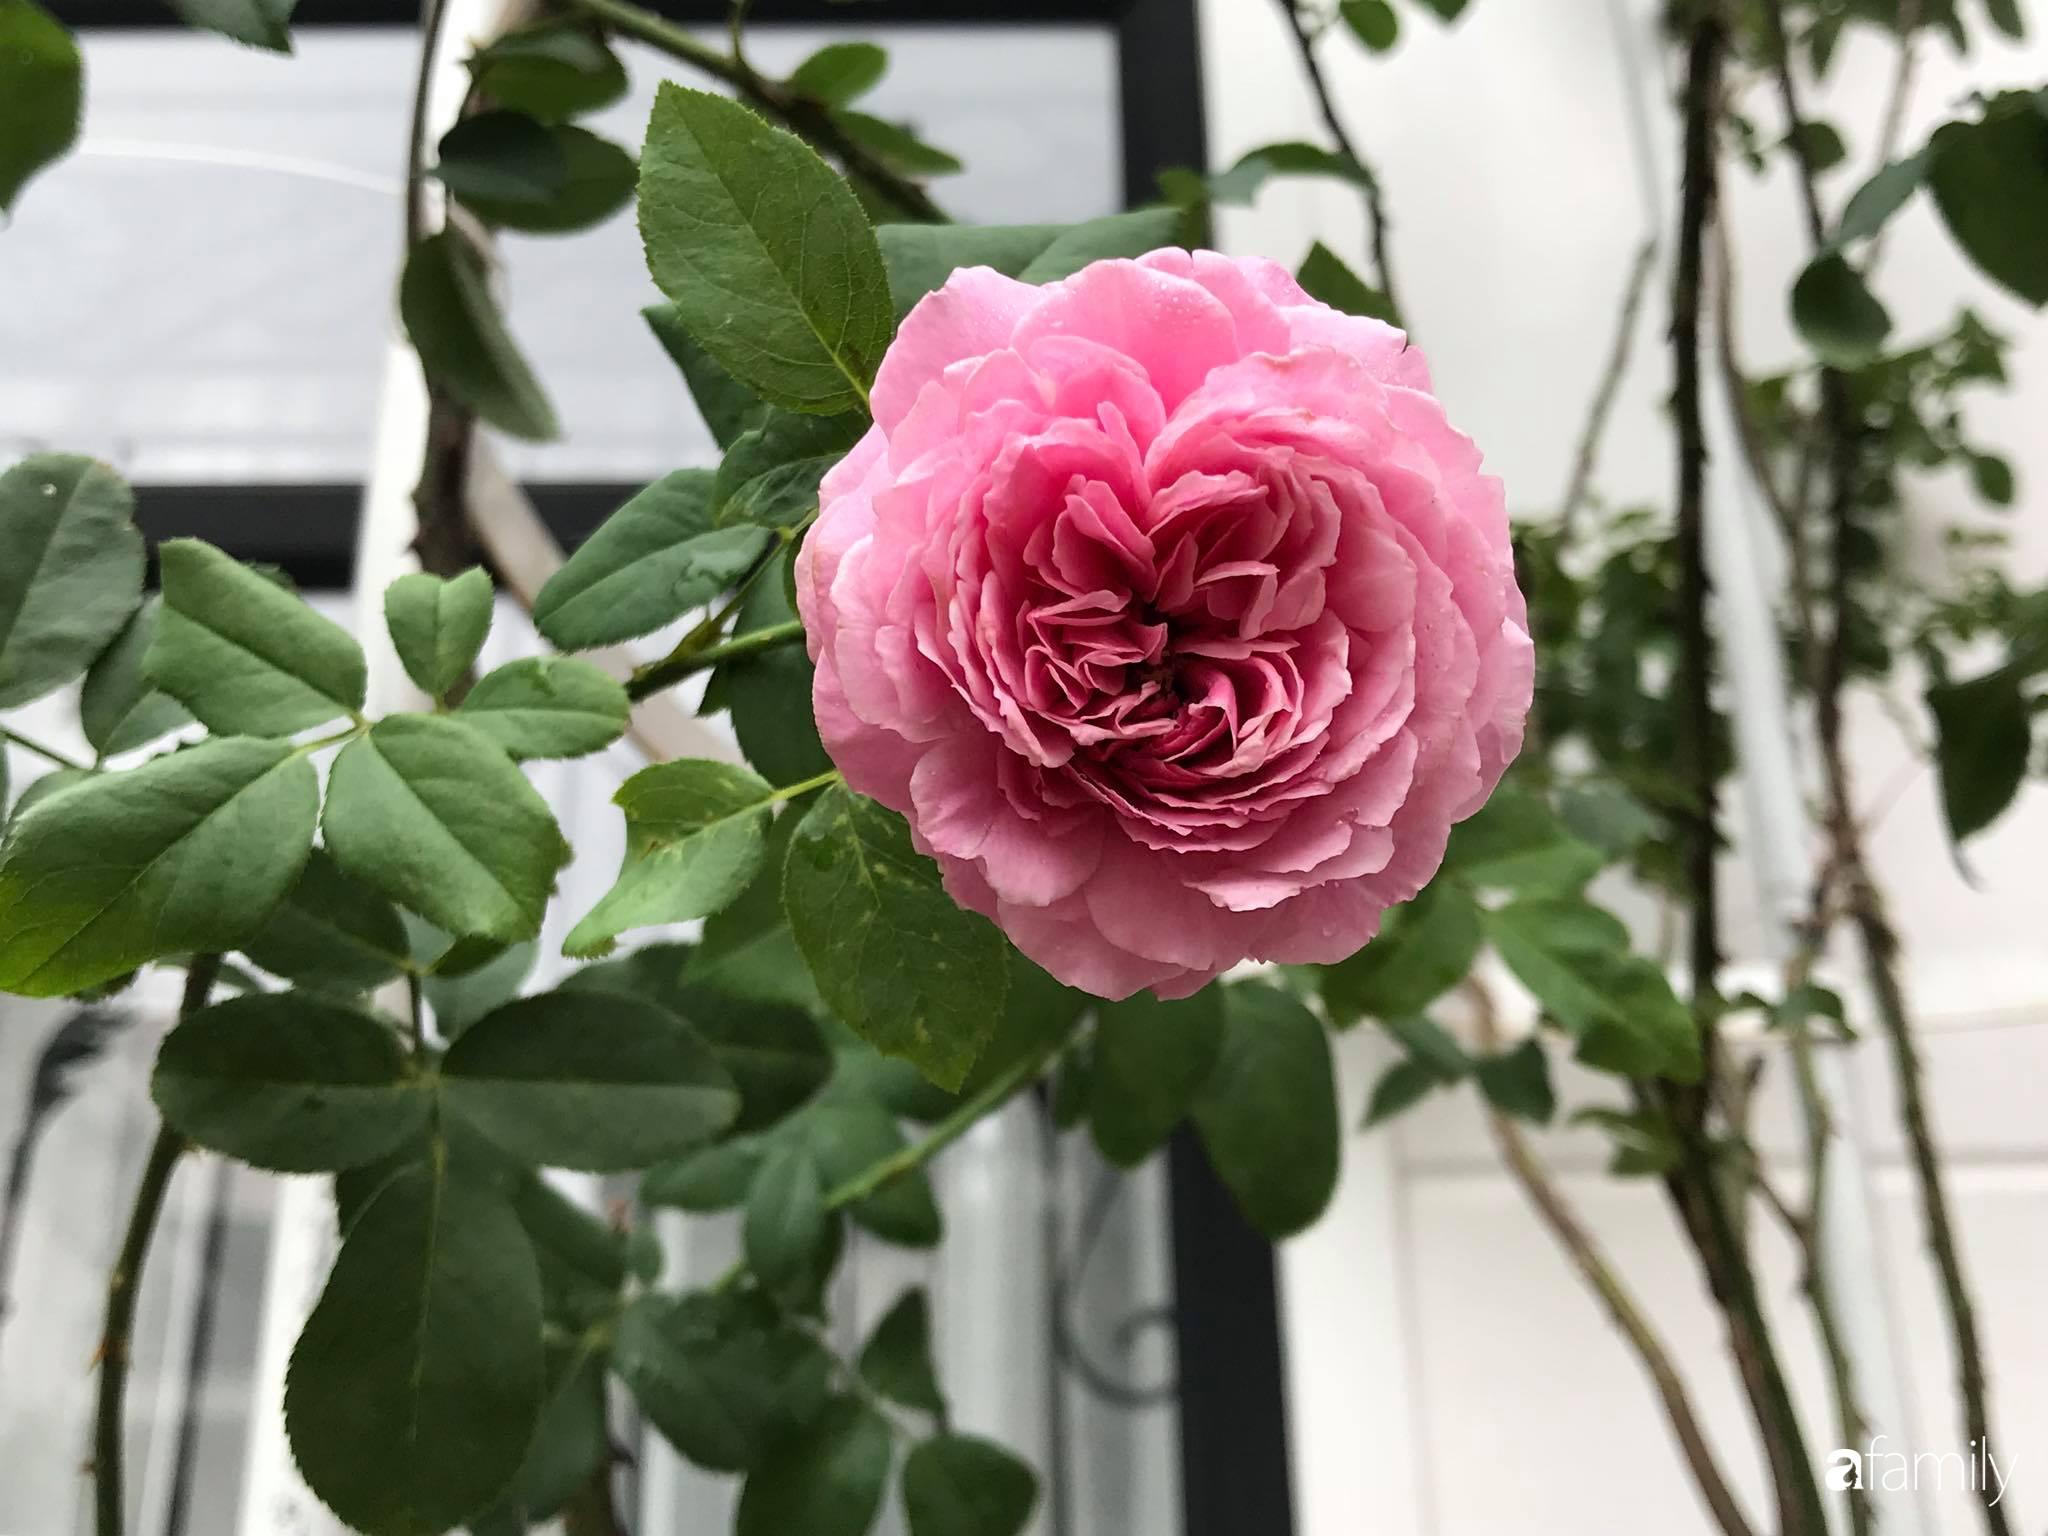 Biệt thự xanh mát bóng cây và hoa hồng rực rỡ của người phụ nữ yêu thiên nhiên ở TP. HCM - Ảnh 4.